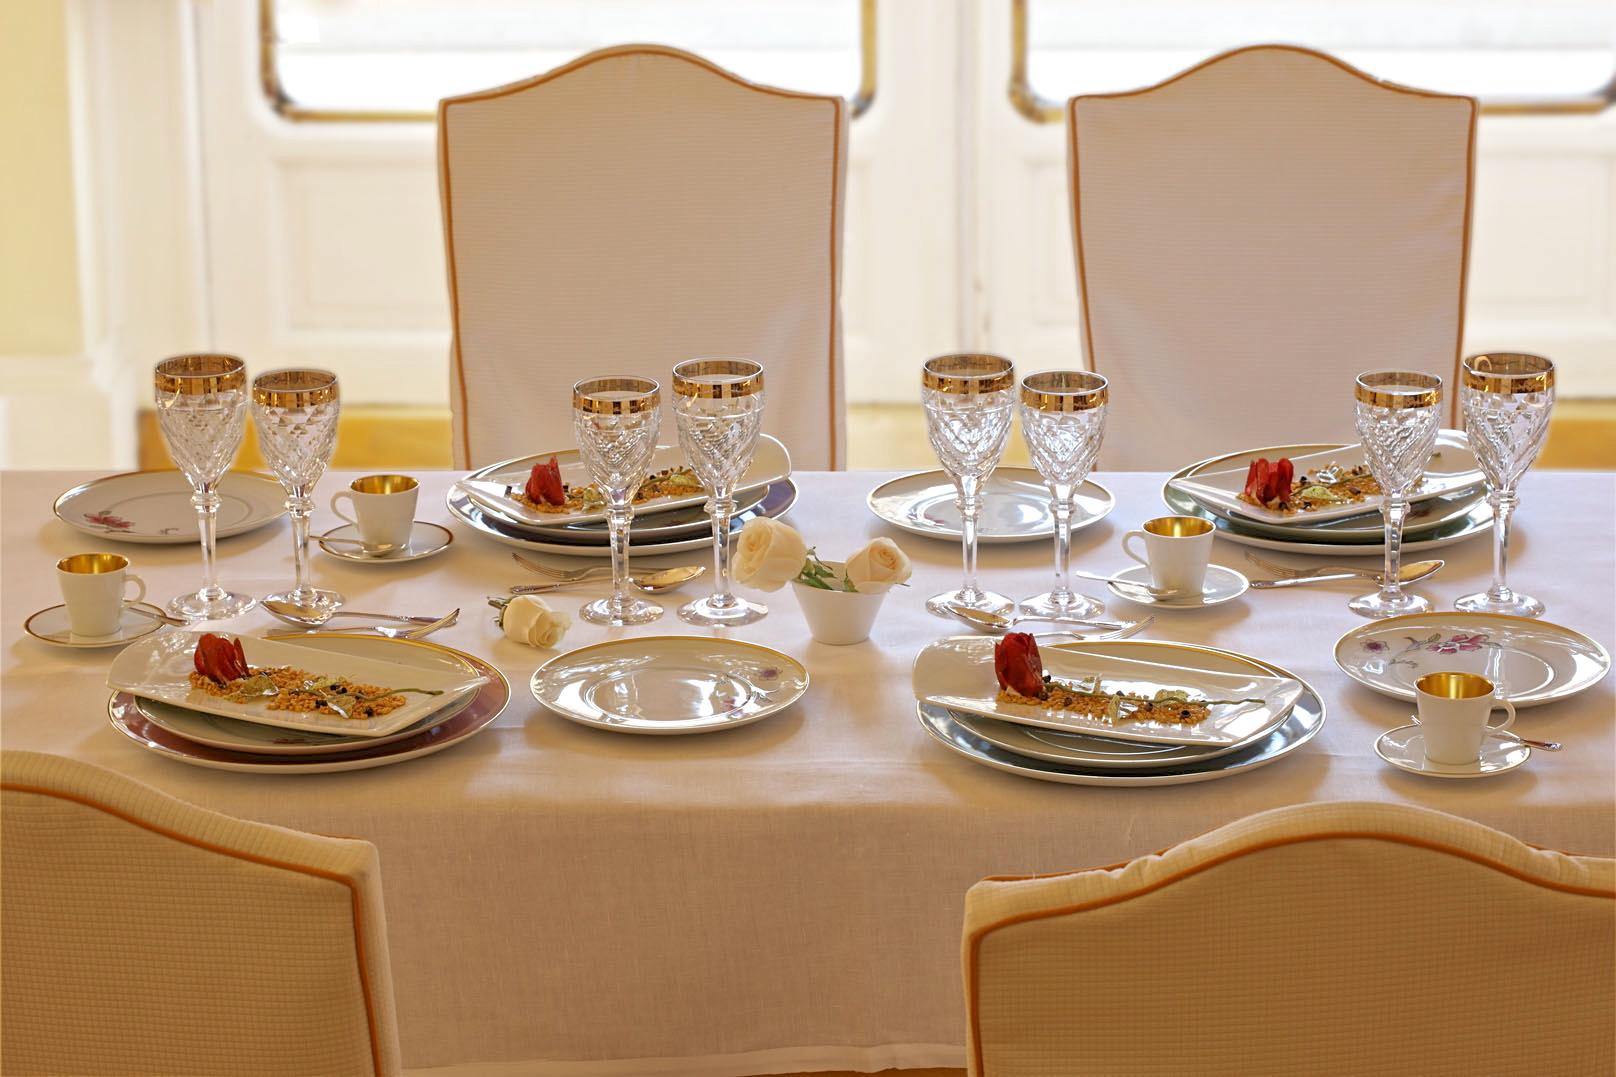 decorar mesas y centros para eventos y fiestas de Bautizo y Comunión